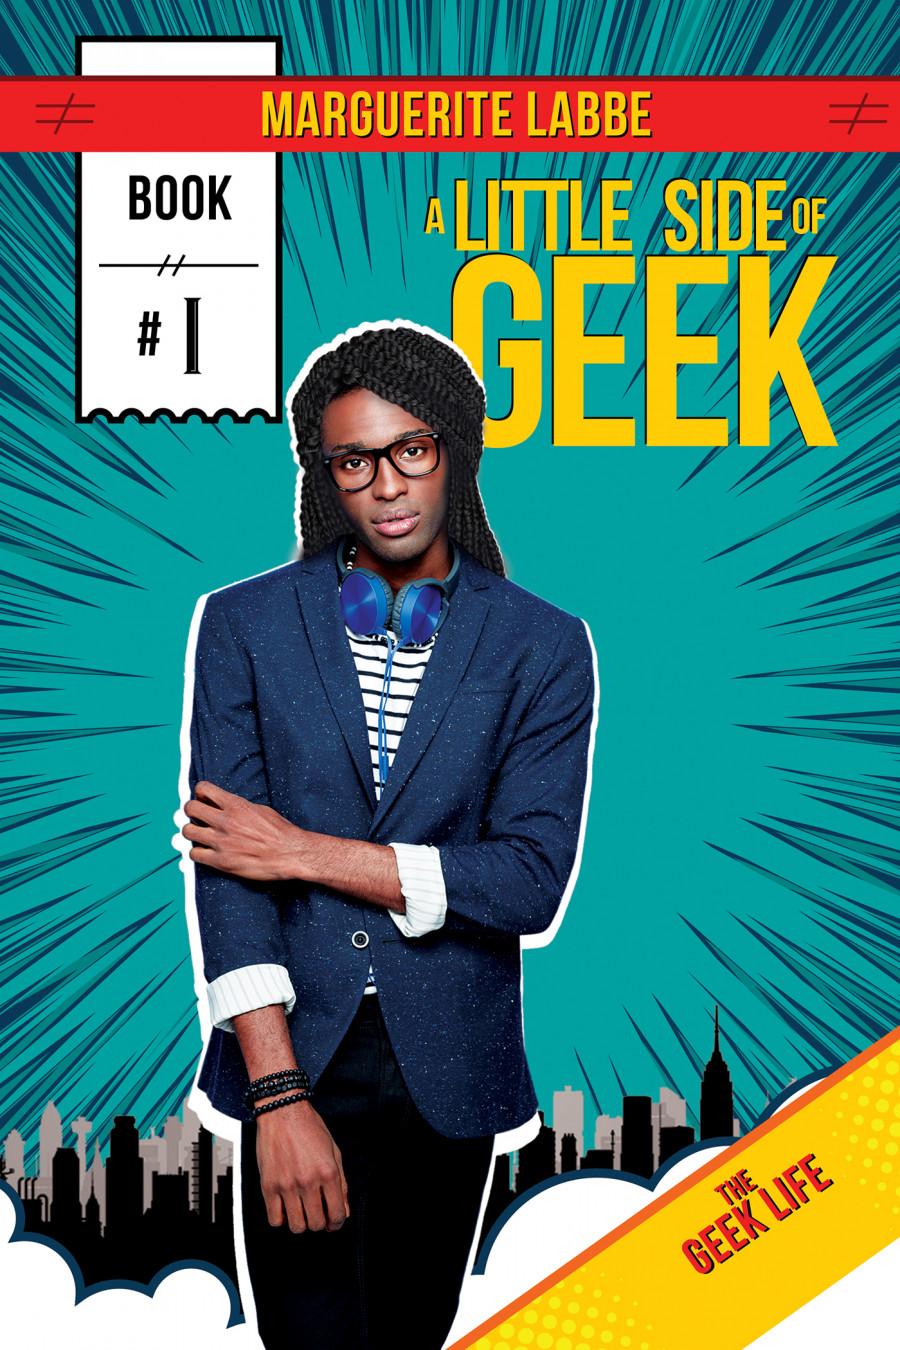 A Little Side of Geek